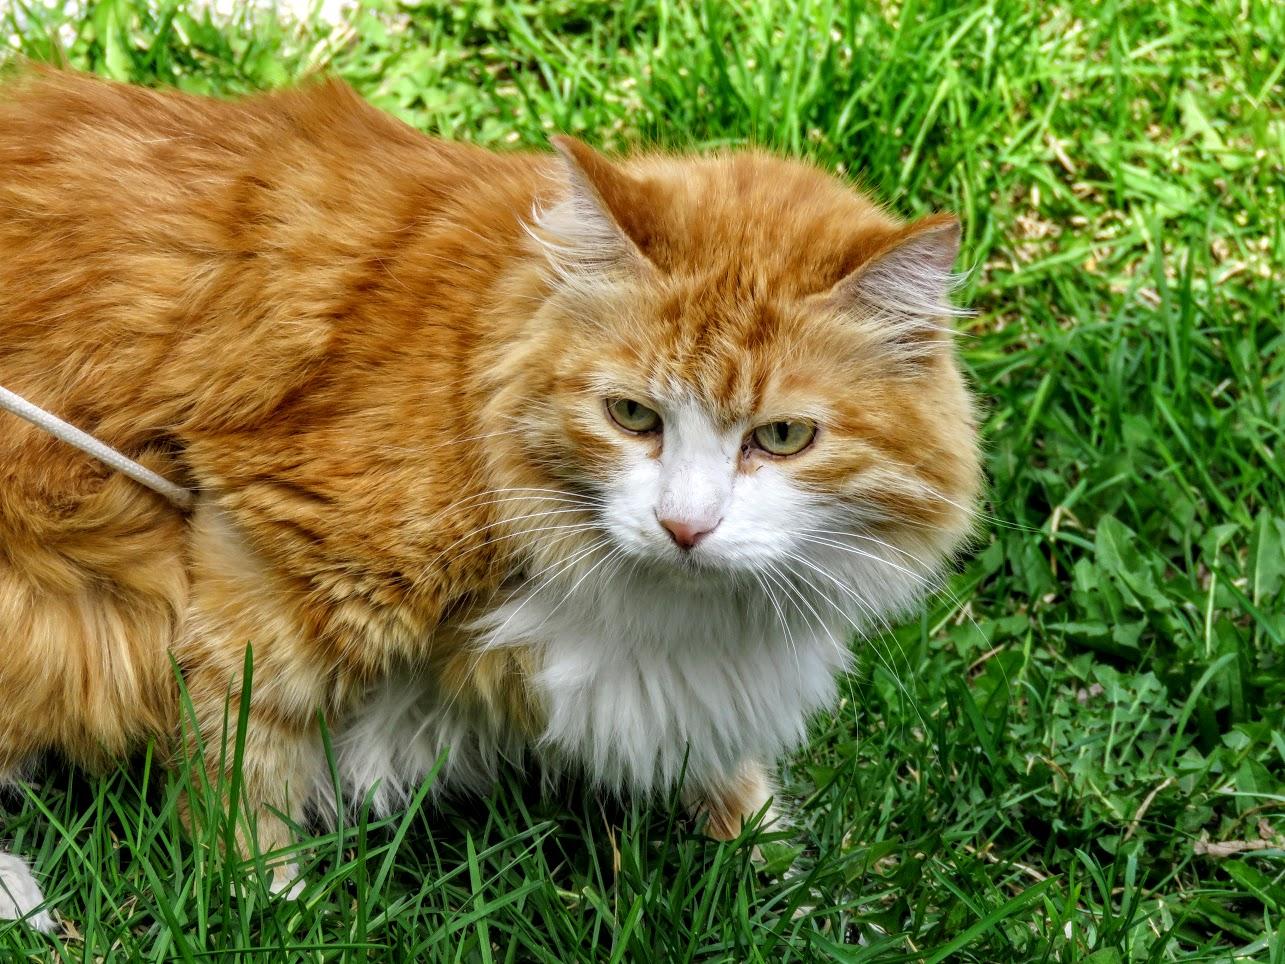 Фотоохота на чёрных коршунов. Рыжие котики и мороженое Сибирские голубые ели) IMG 9916